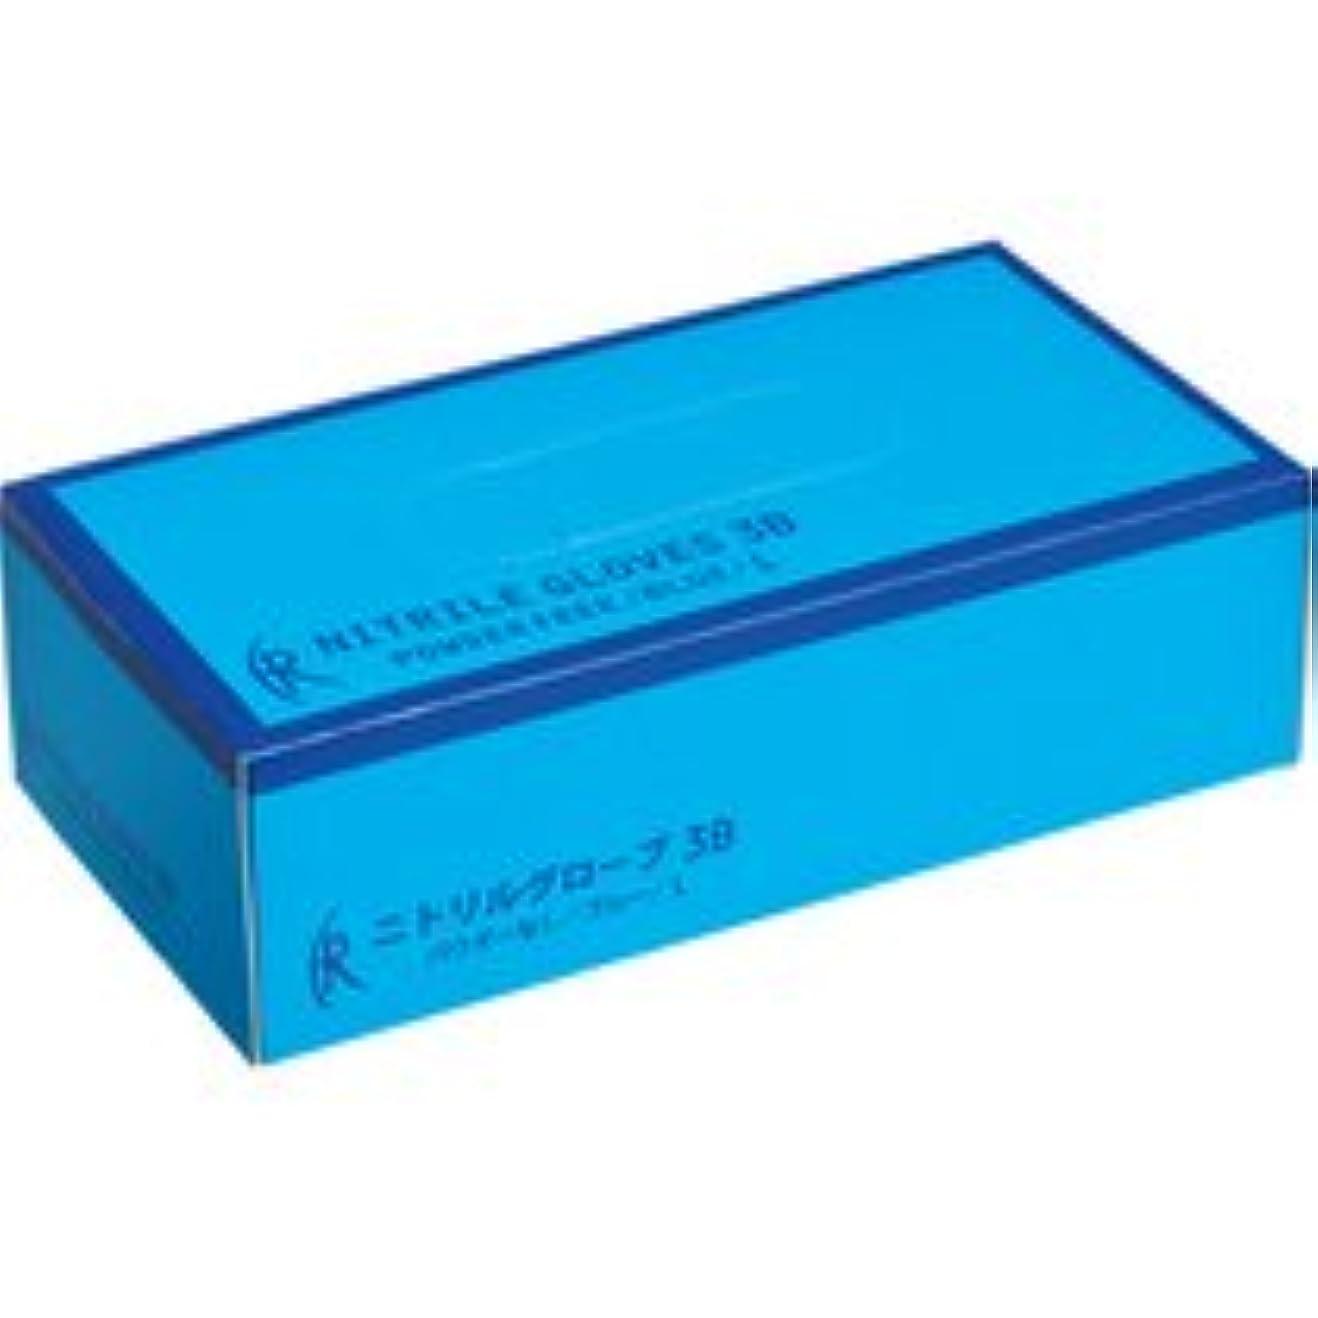 ファーストレイト ニトリルグローブ3B パウダーフリー L FR-5663 1箱(200枚)